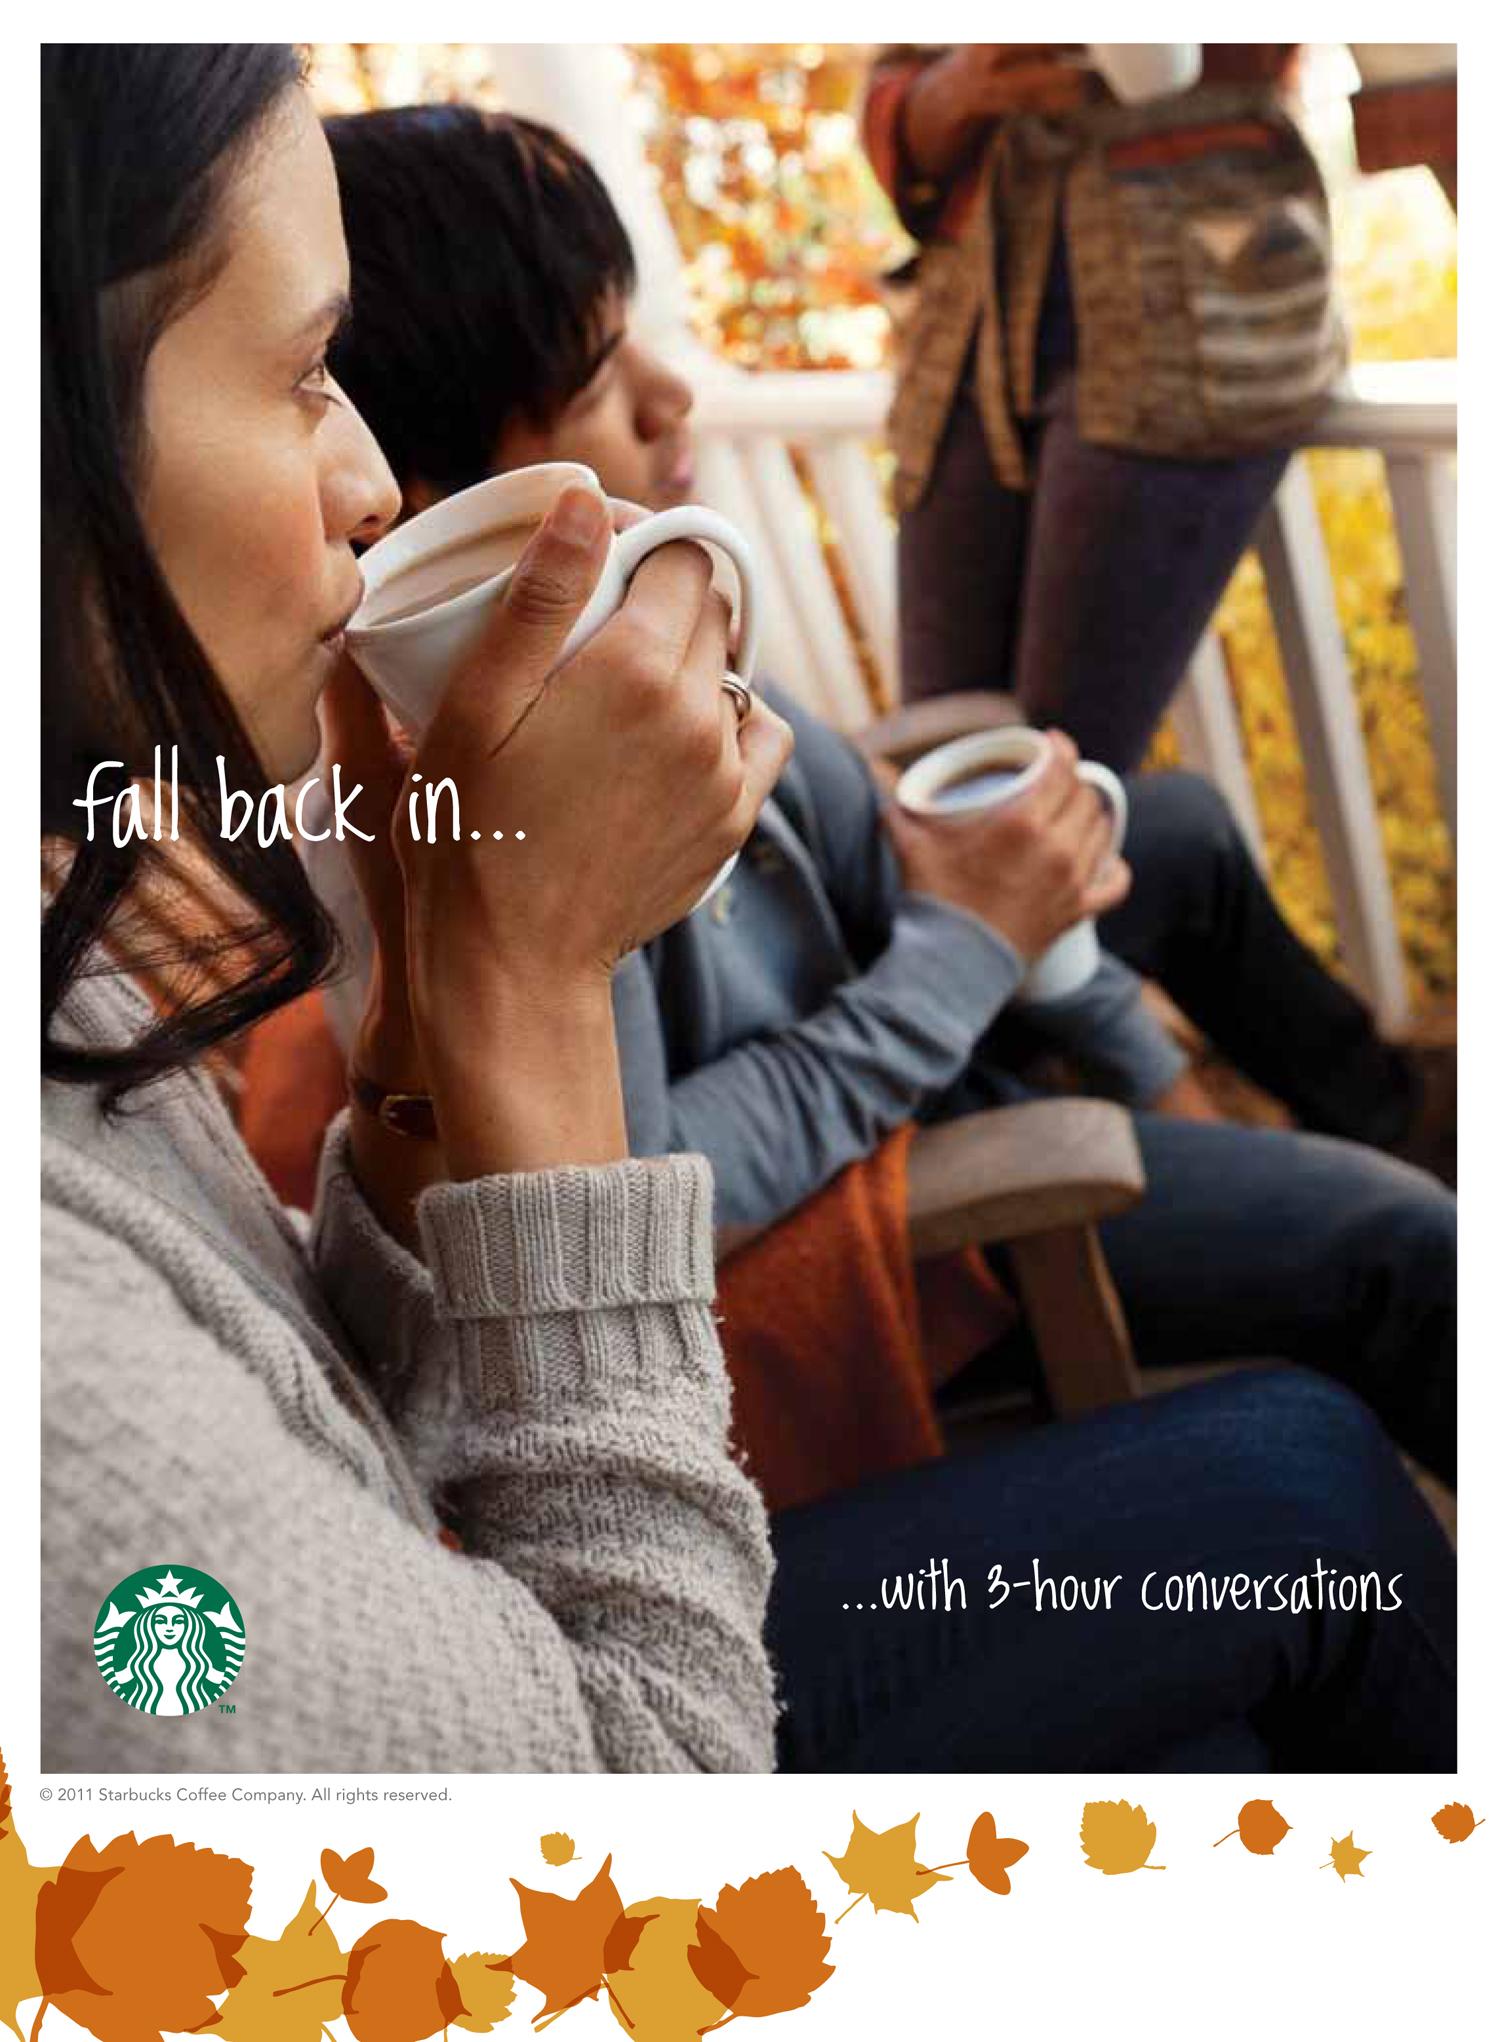 Starbucks Bryan Sheffield BBDO